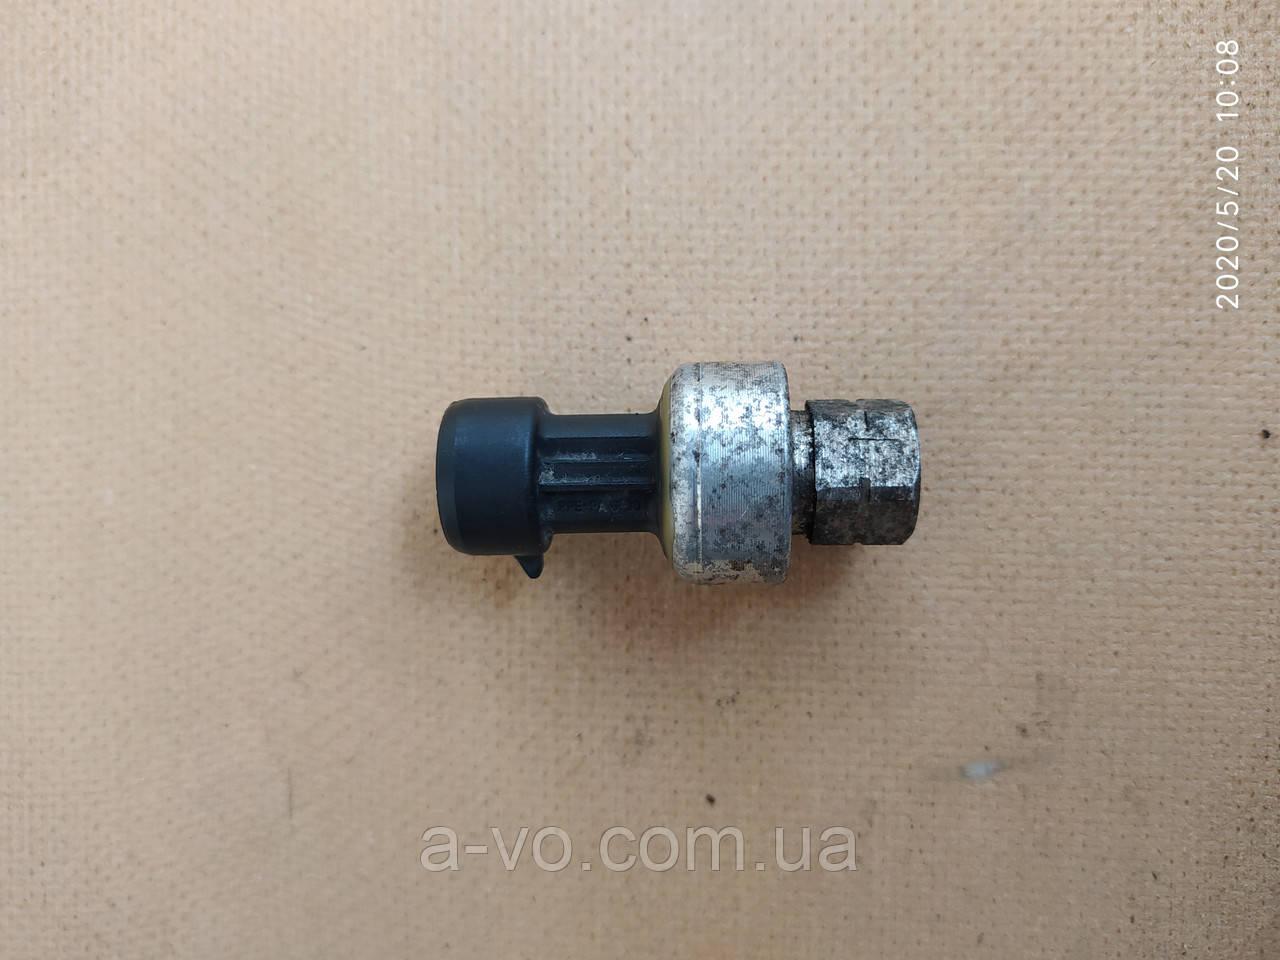 Датчик давления фреона Renault Kangoo  417506 7700417506